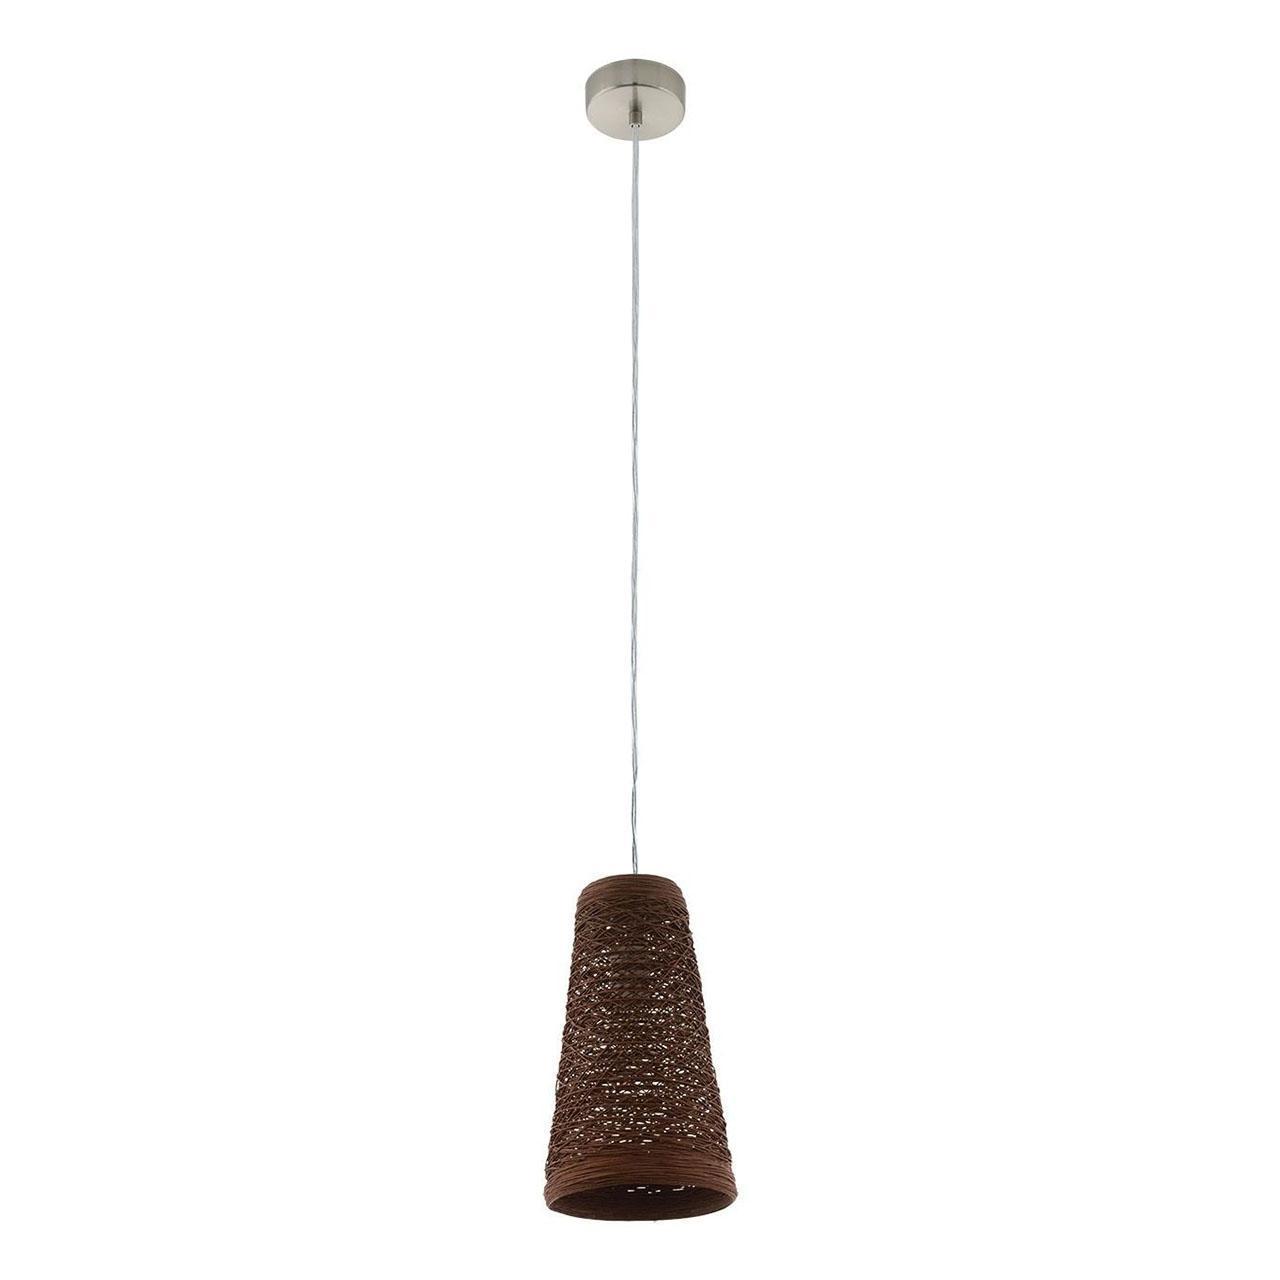 Подвесной светильник Eglo Donado 96468 eglo подвесной светильник eglo donado 96465